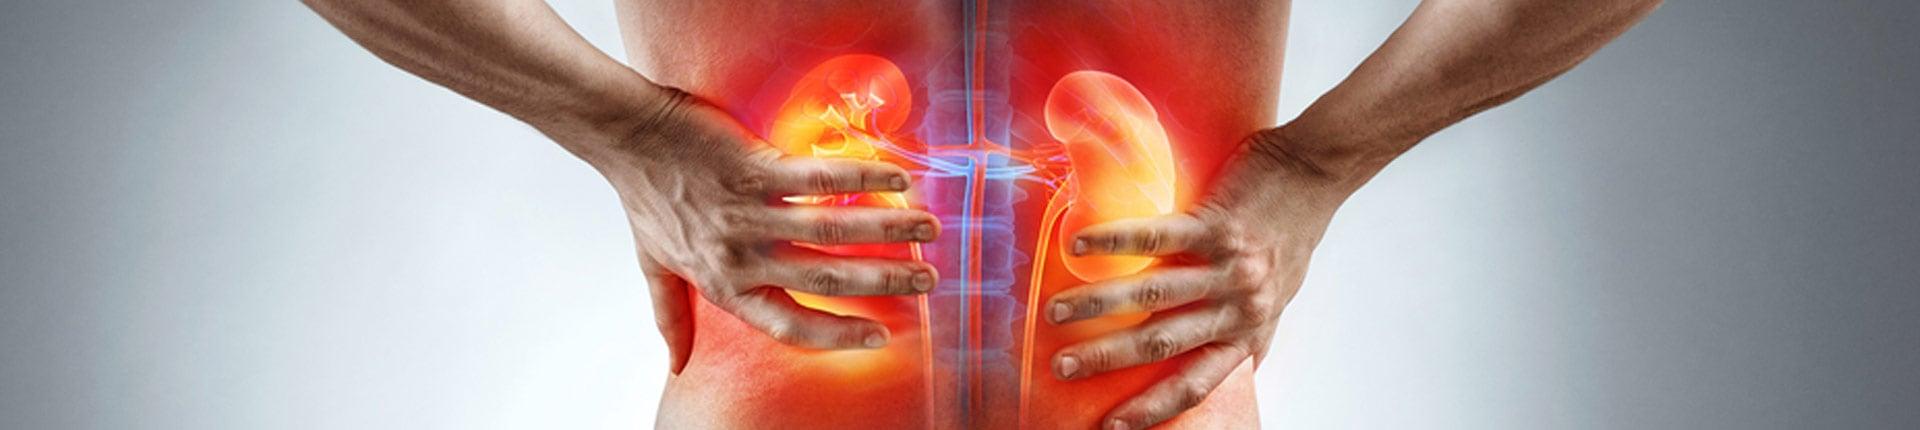 Czy sterydy szkodzą na nerki? Wpływ SAA i skutki uboczne